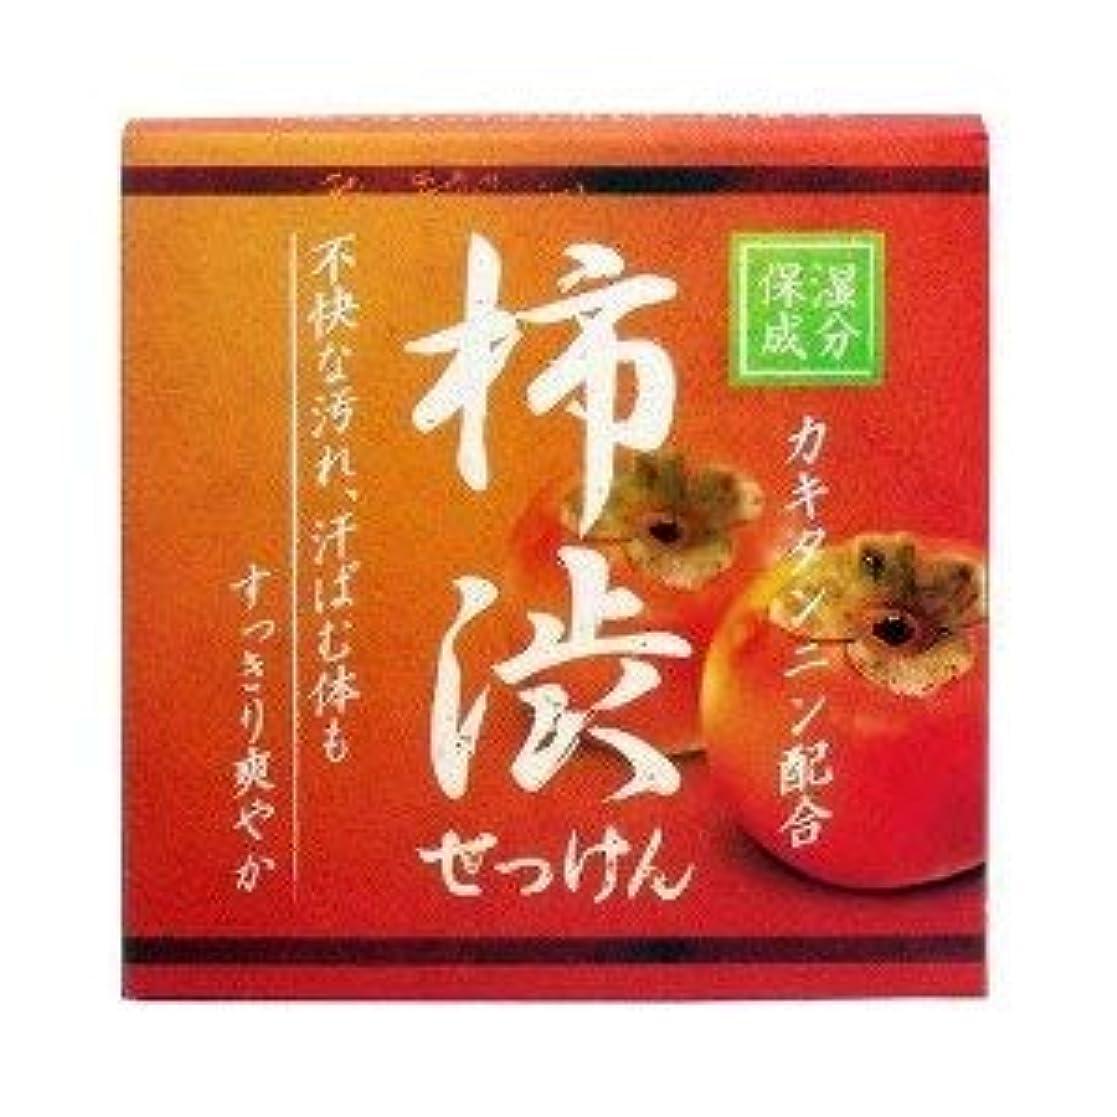 心理的フェード比類のない柿渋配合せっけん カキタンニン配合保湿成分 80g×2 2個1セット 石鹸